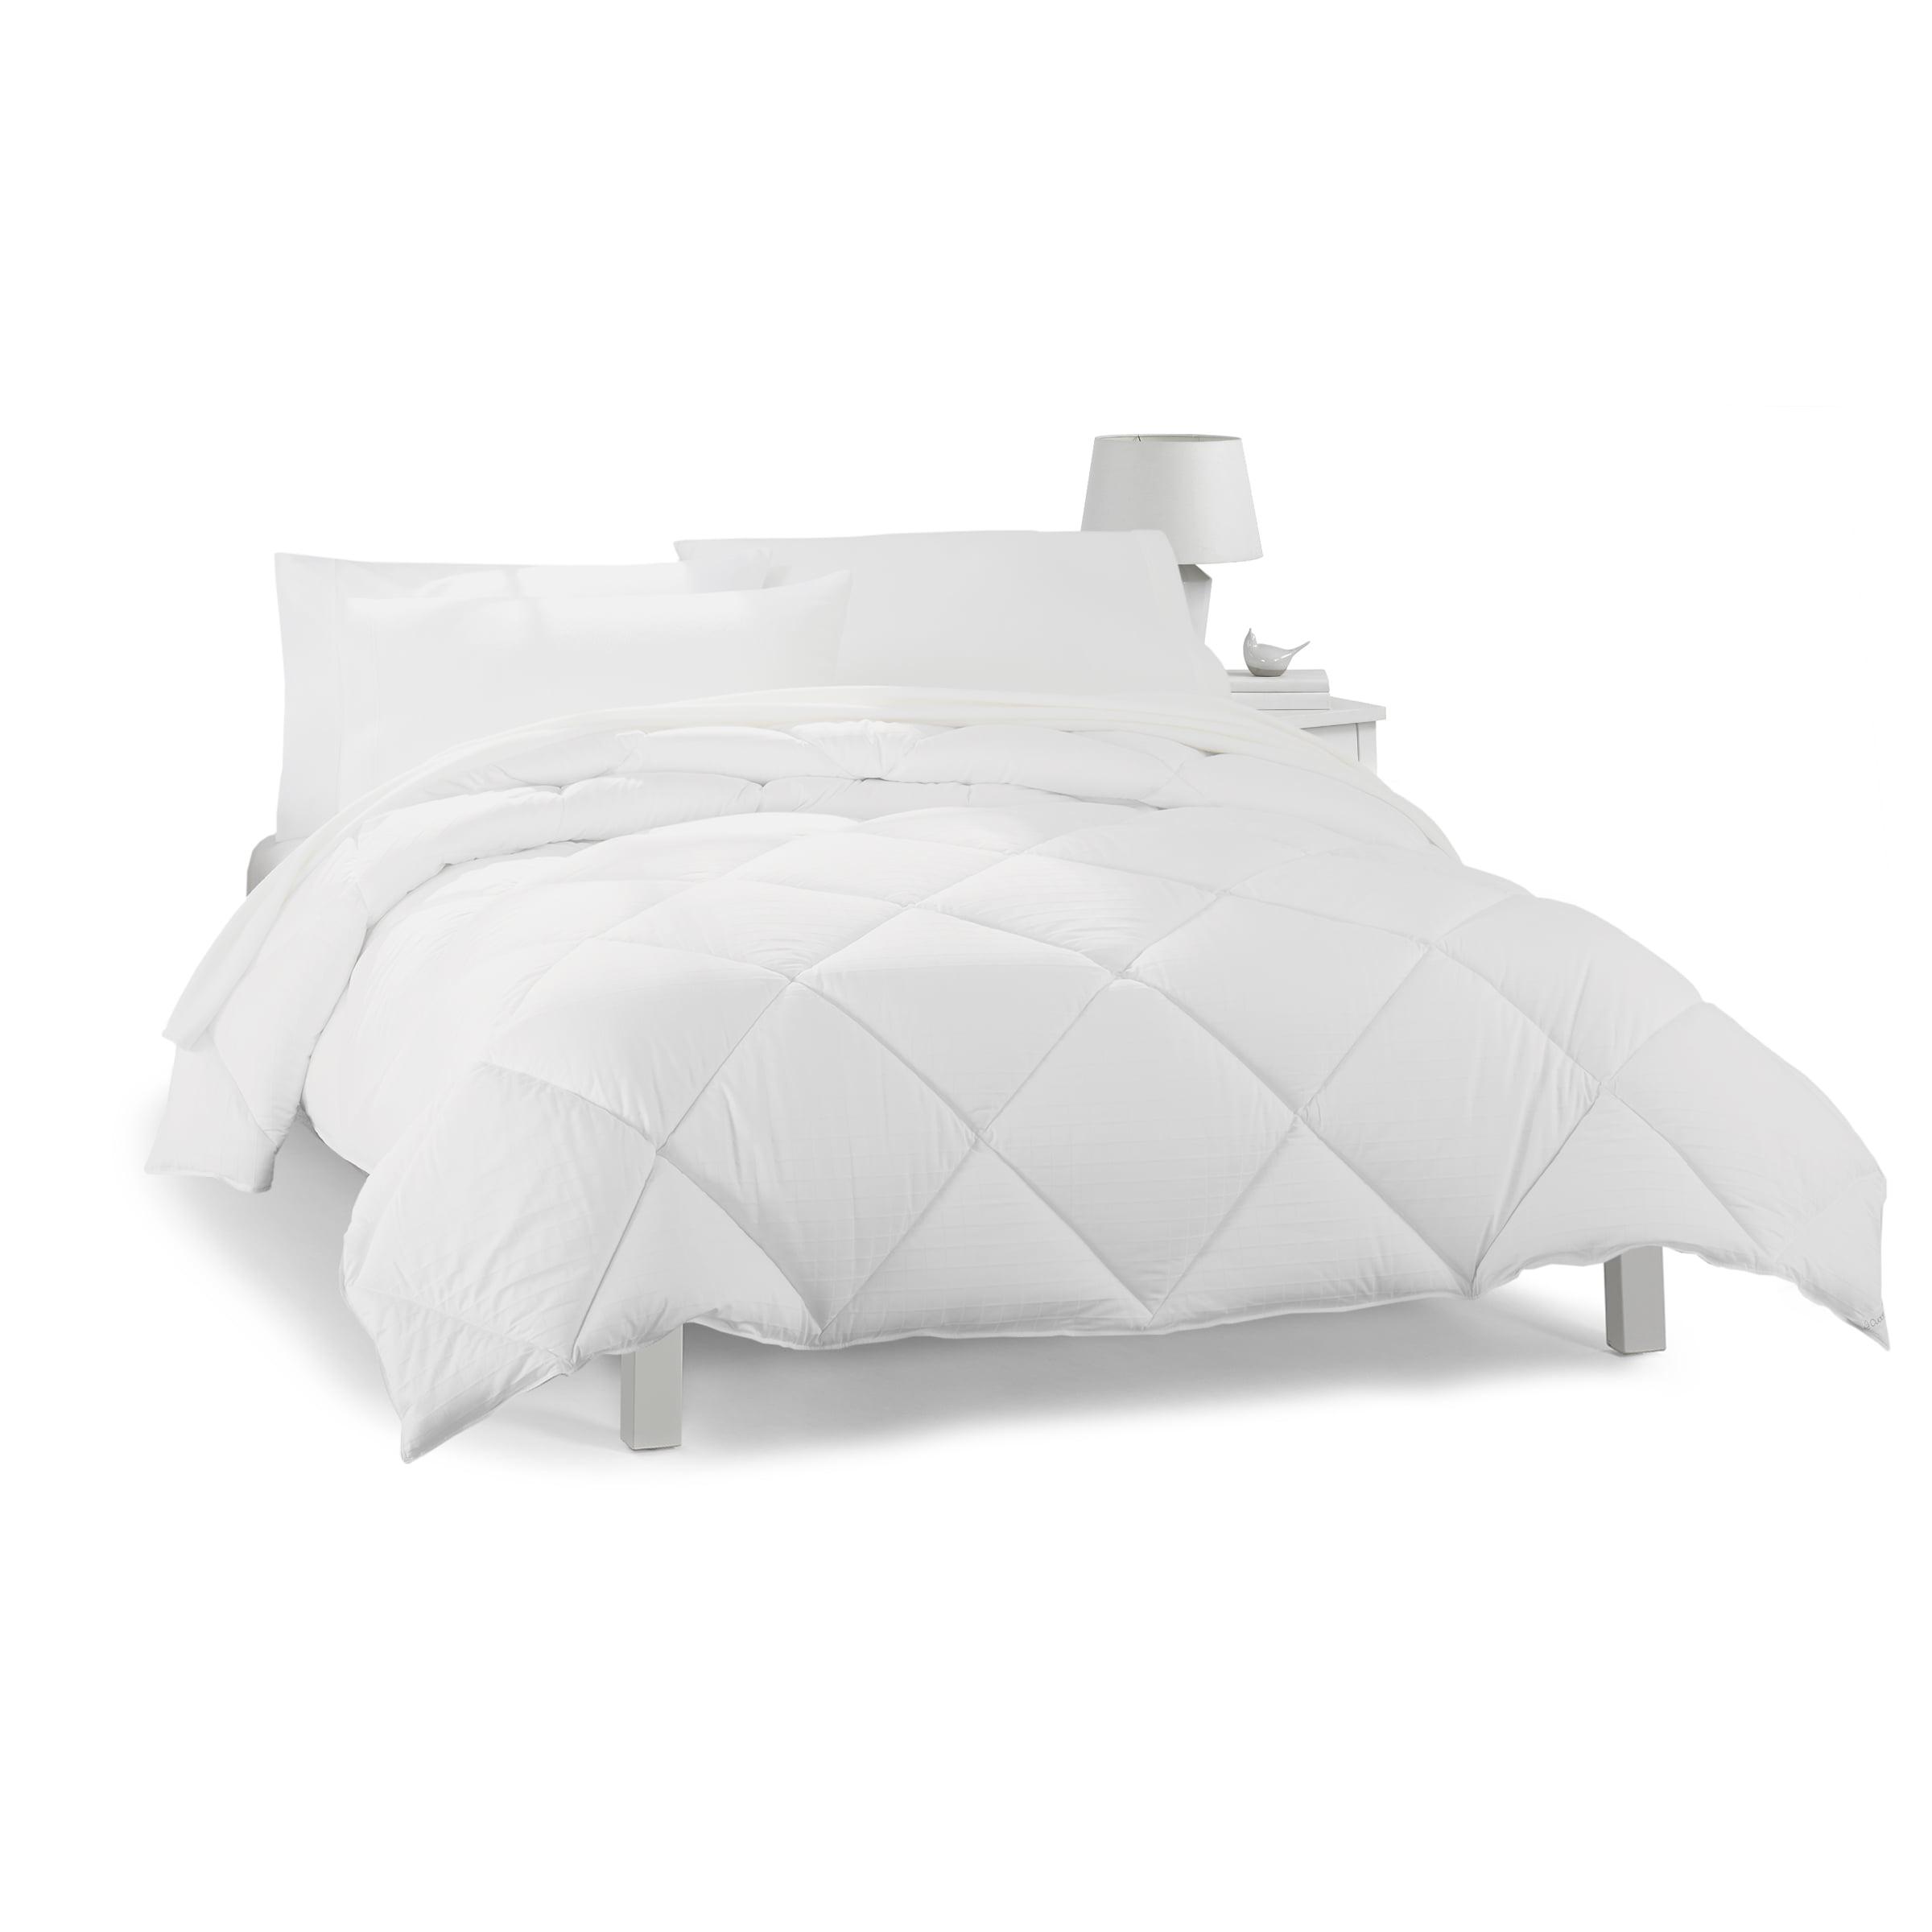 Serta Air Dry Down Alternative Lightweight Comforter Full Queen Walmart Com Walmart Com